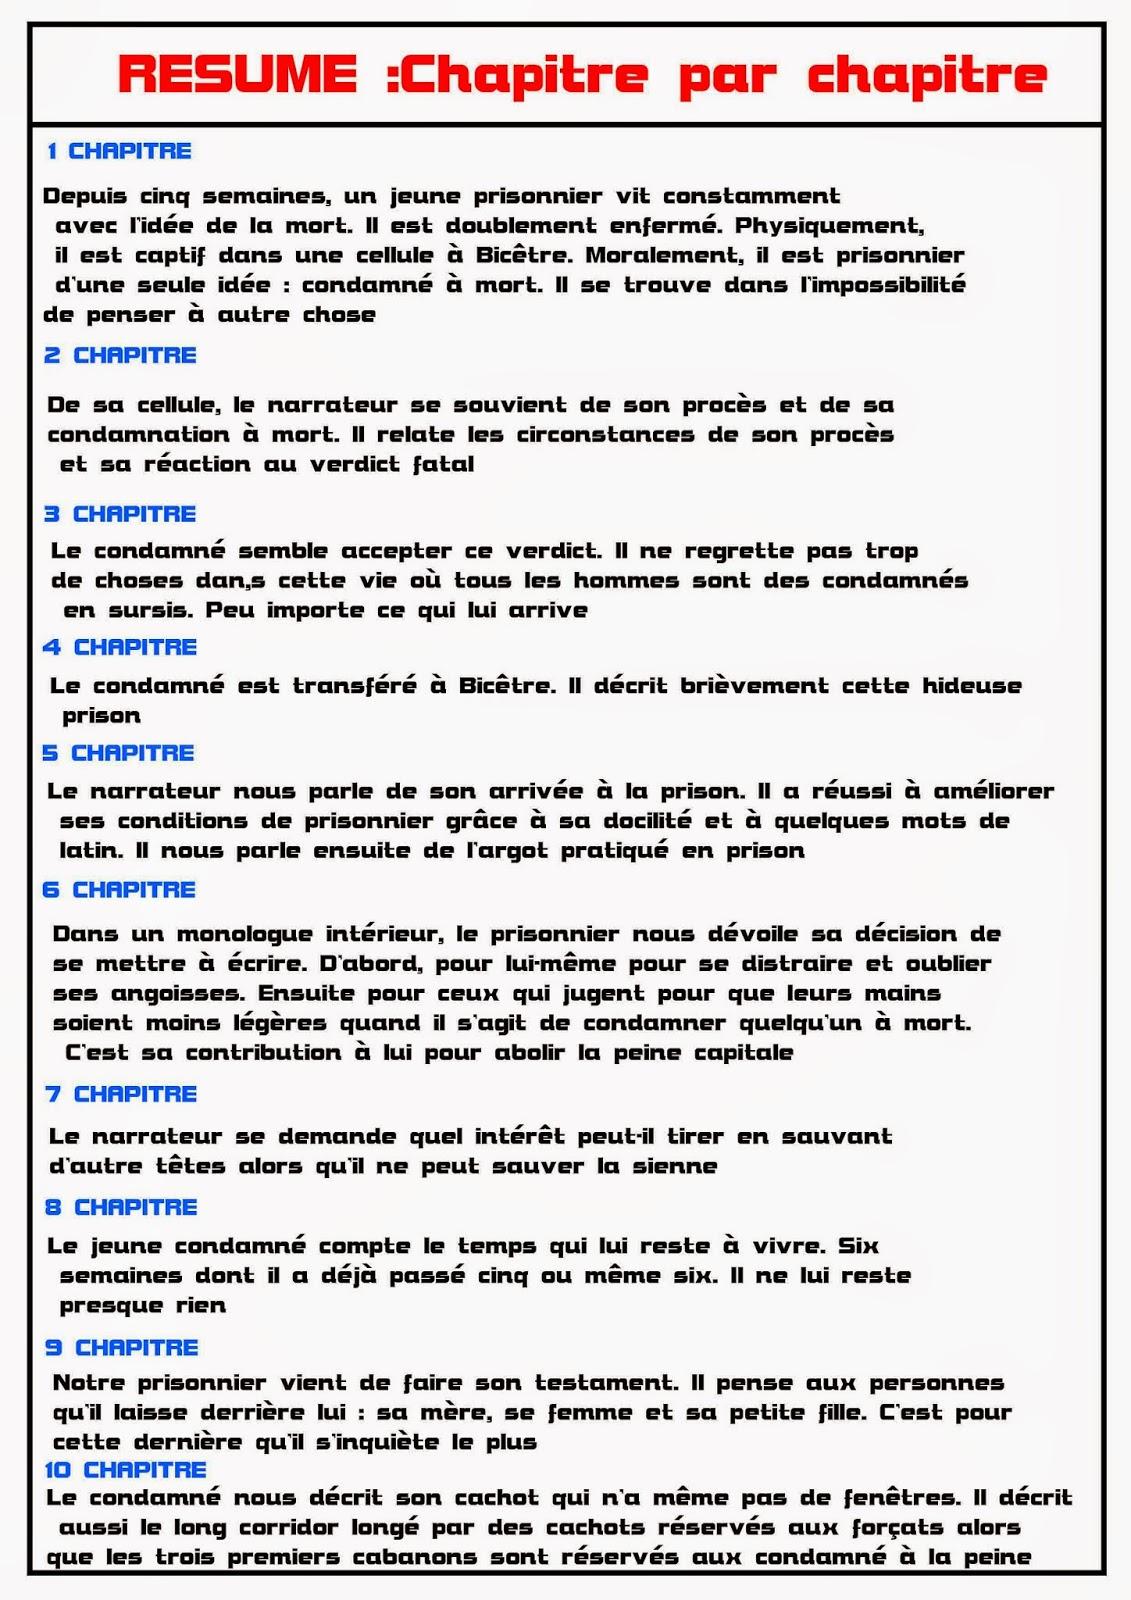 Résumé Le Dernier Jour D'un Condamné : résumé, dernier, condamné, مدونة, Résumé, Dernier, Condamné, بشكل, مصغر